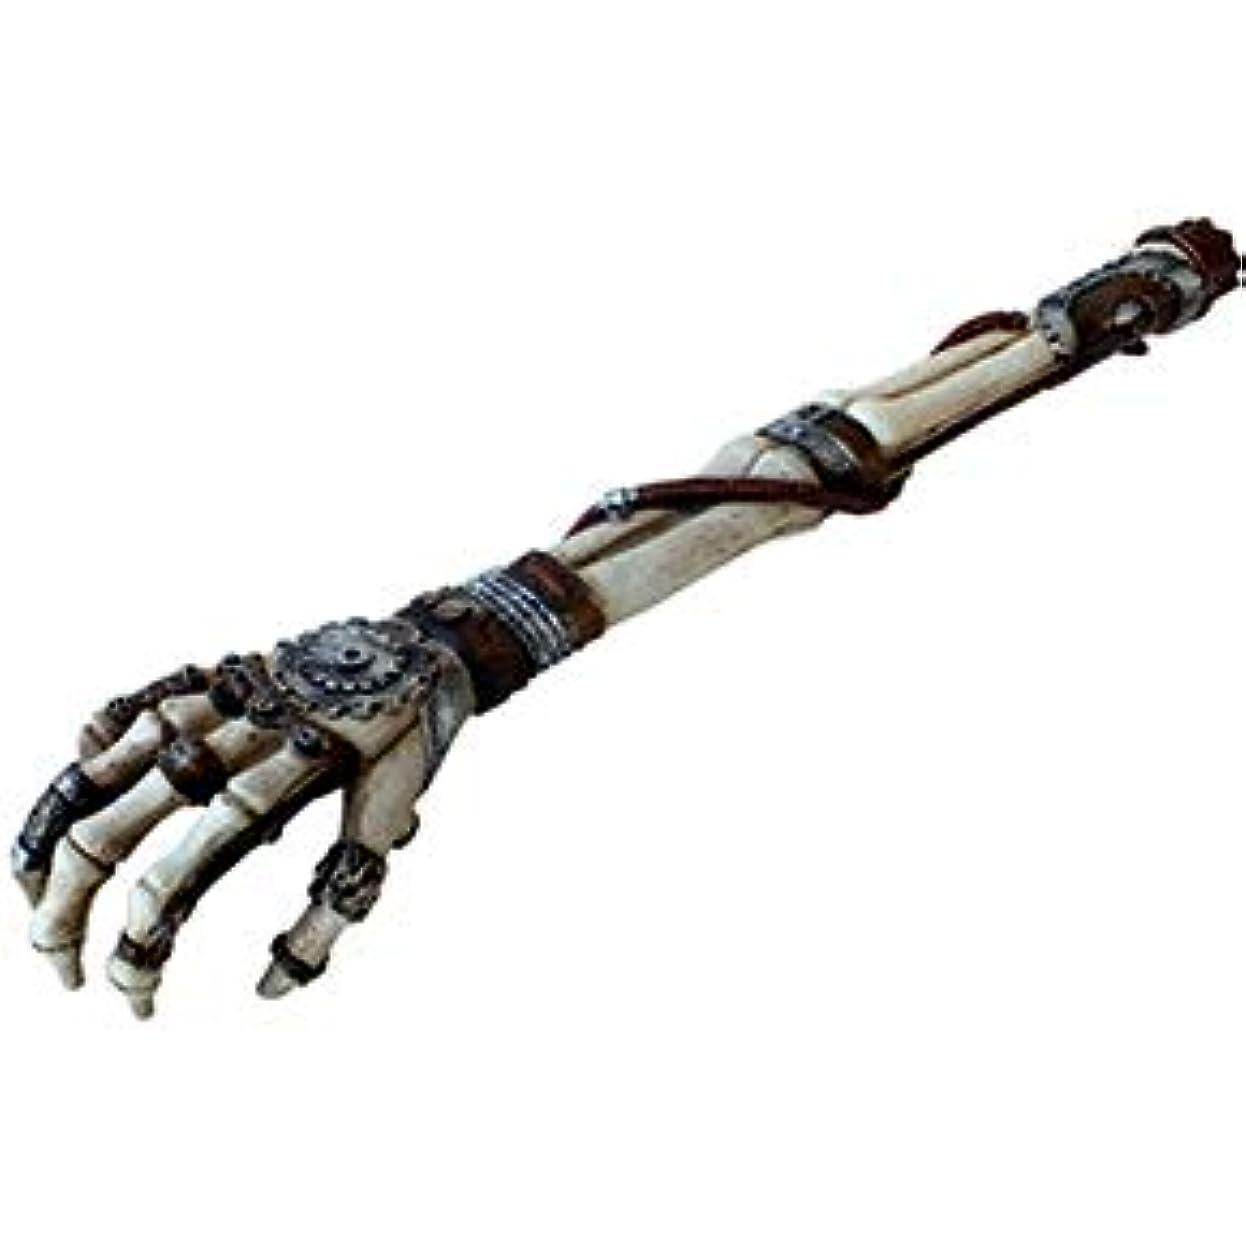 奨励分析的異議スチームパンクスケルトンアーム バックスクラッチャー(孫の手) Steampunk Skeleton arm back scratcher